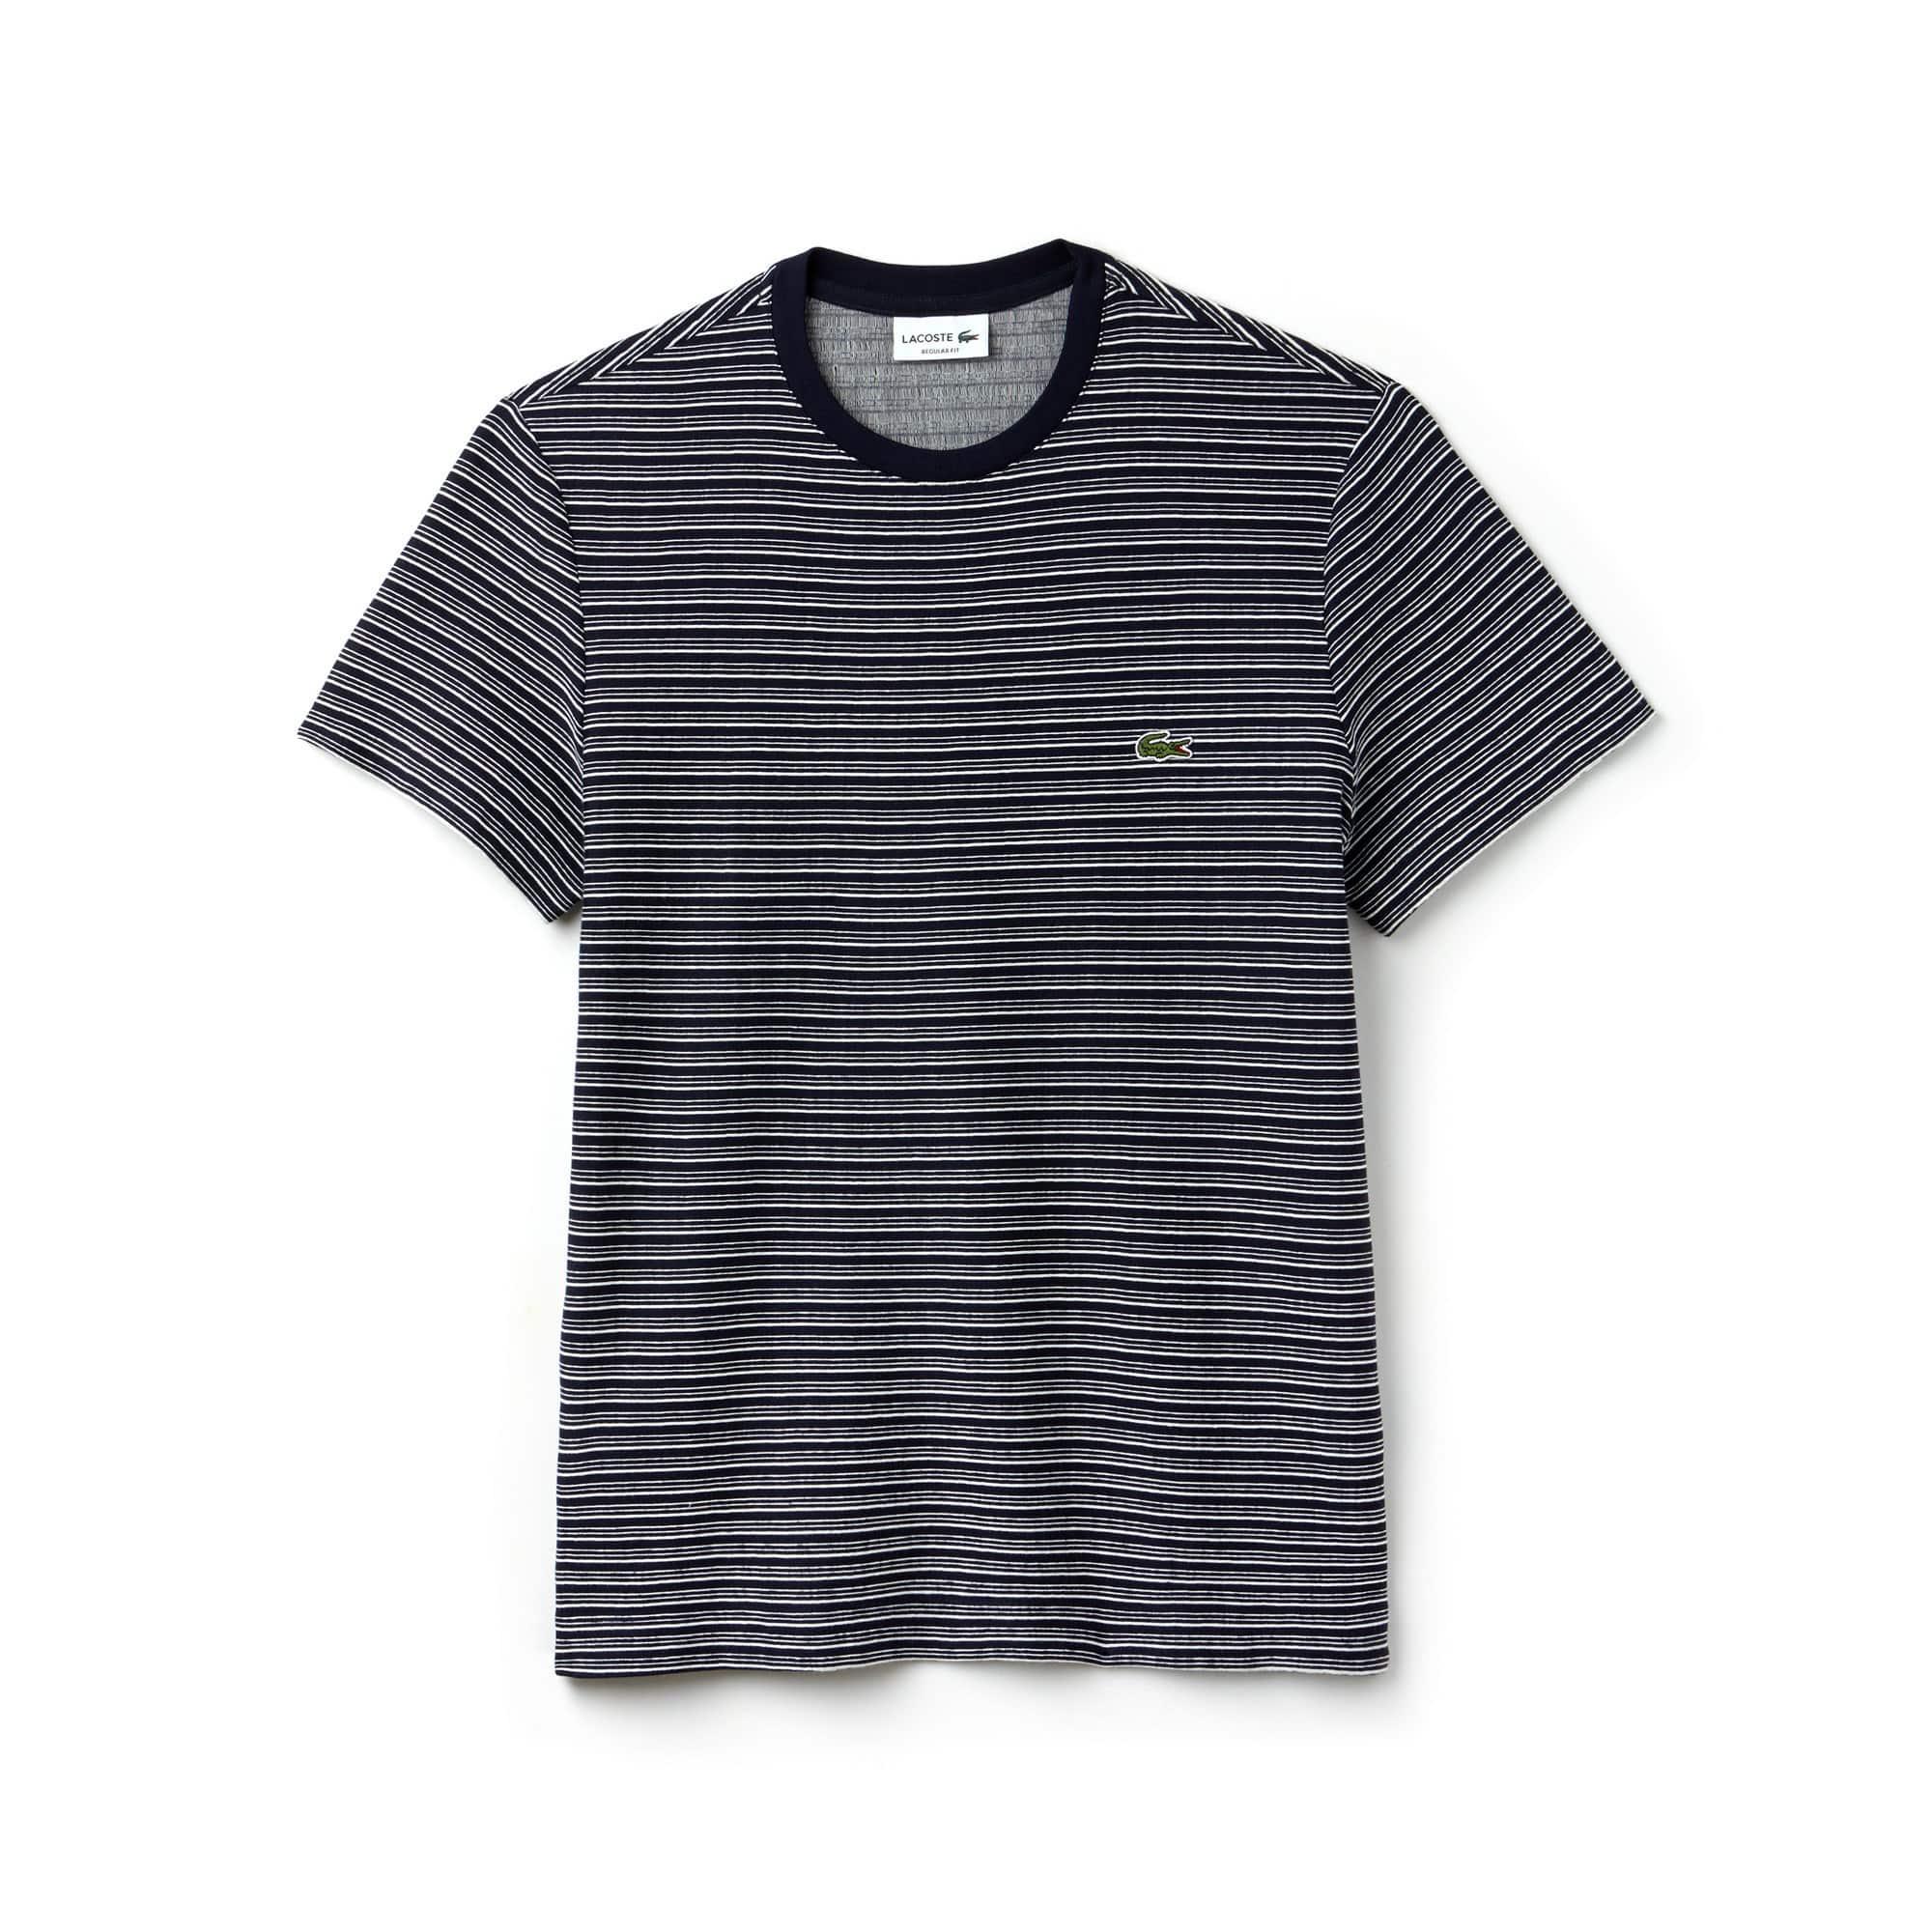 Camiseta con cuello redondo de punto de algodón flameado a rayas